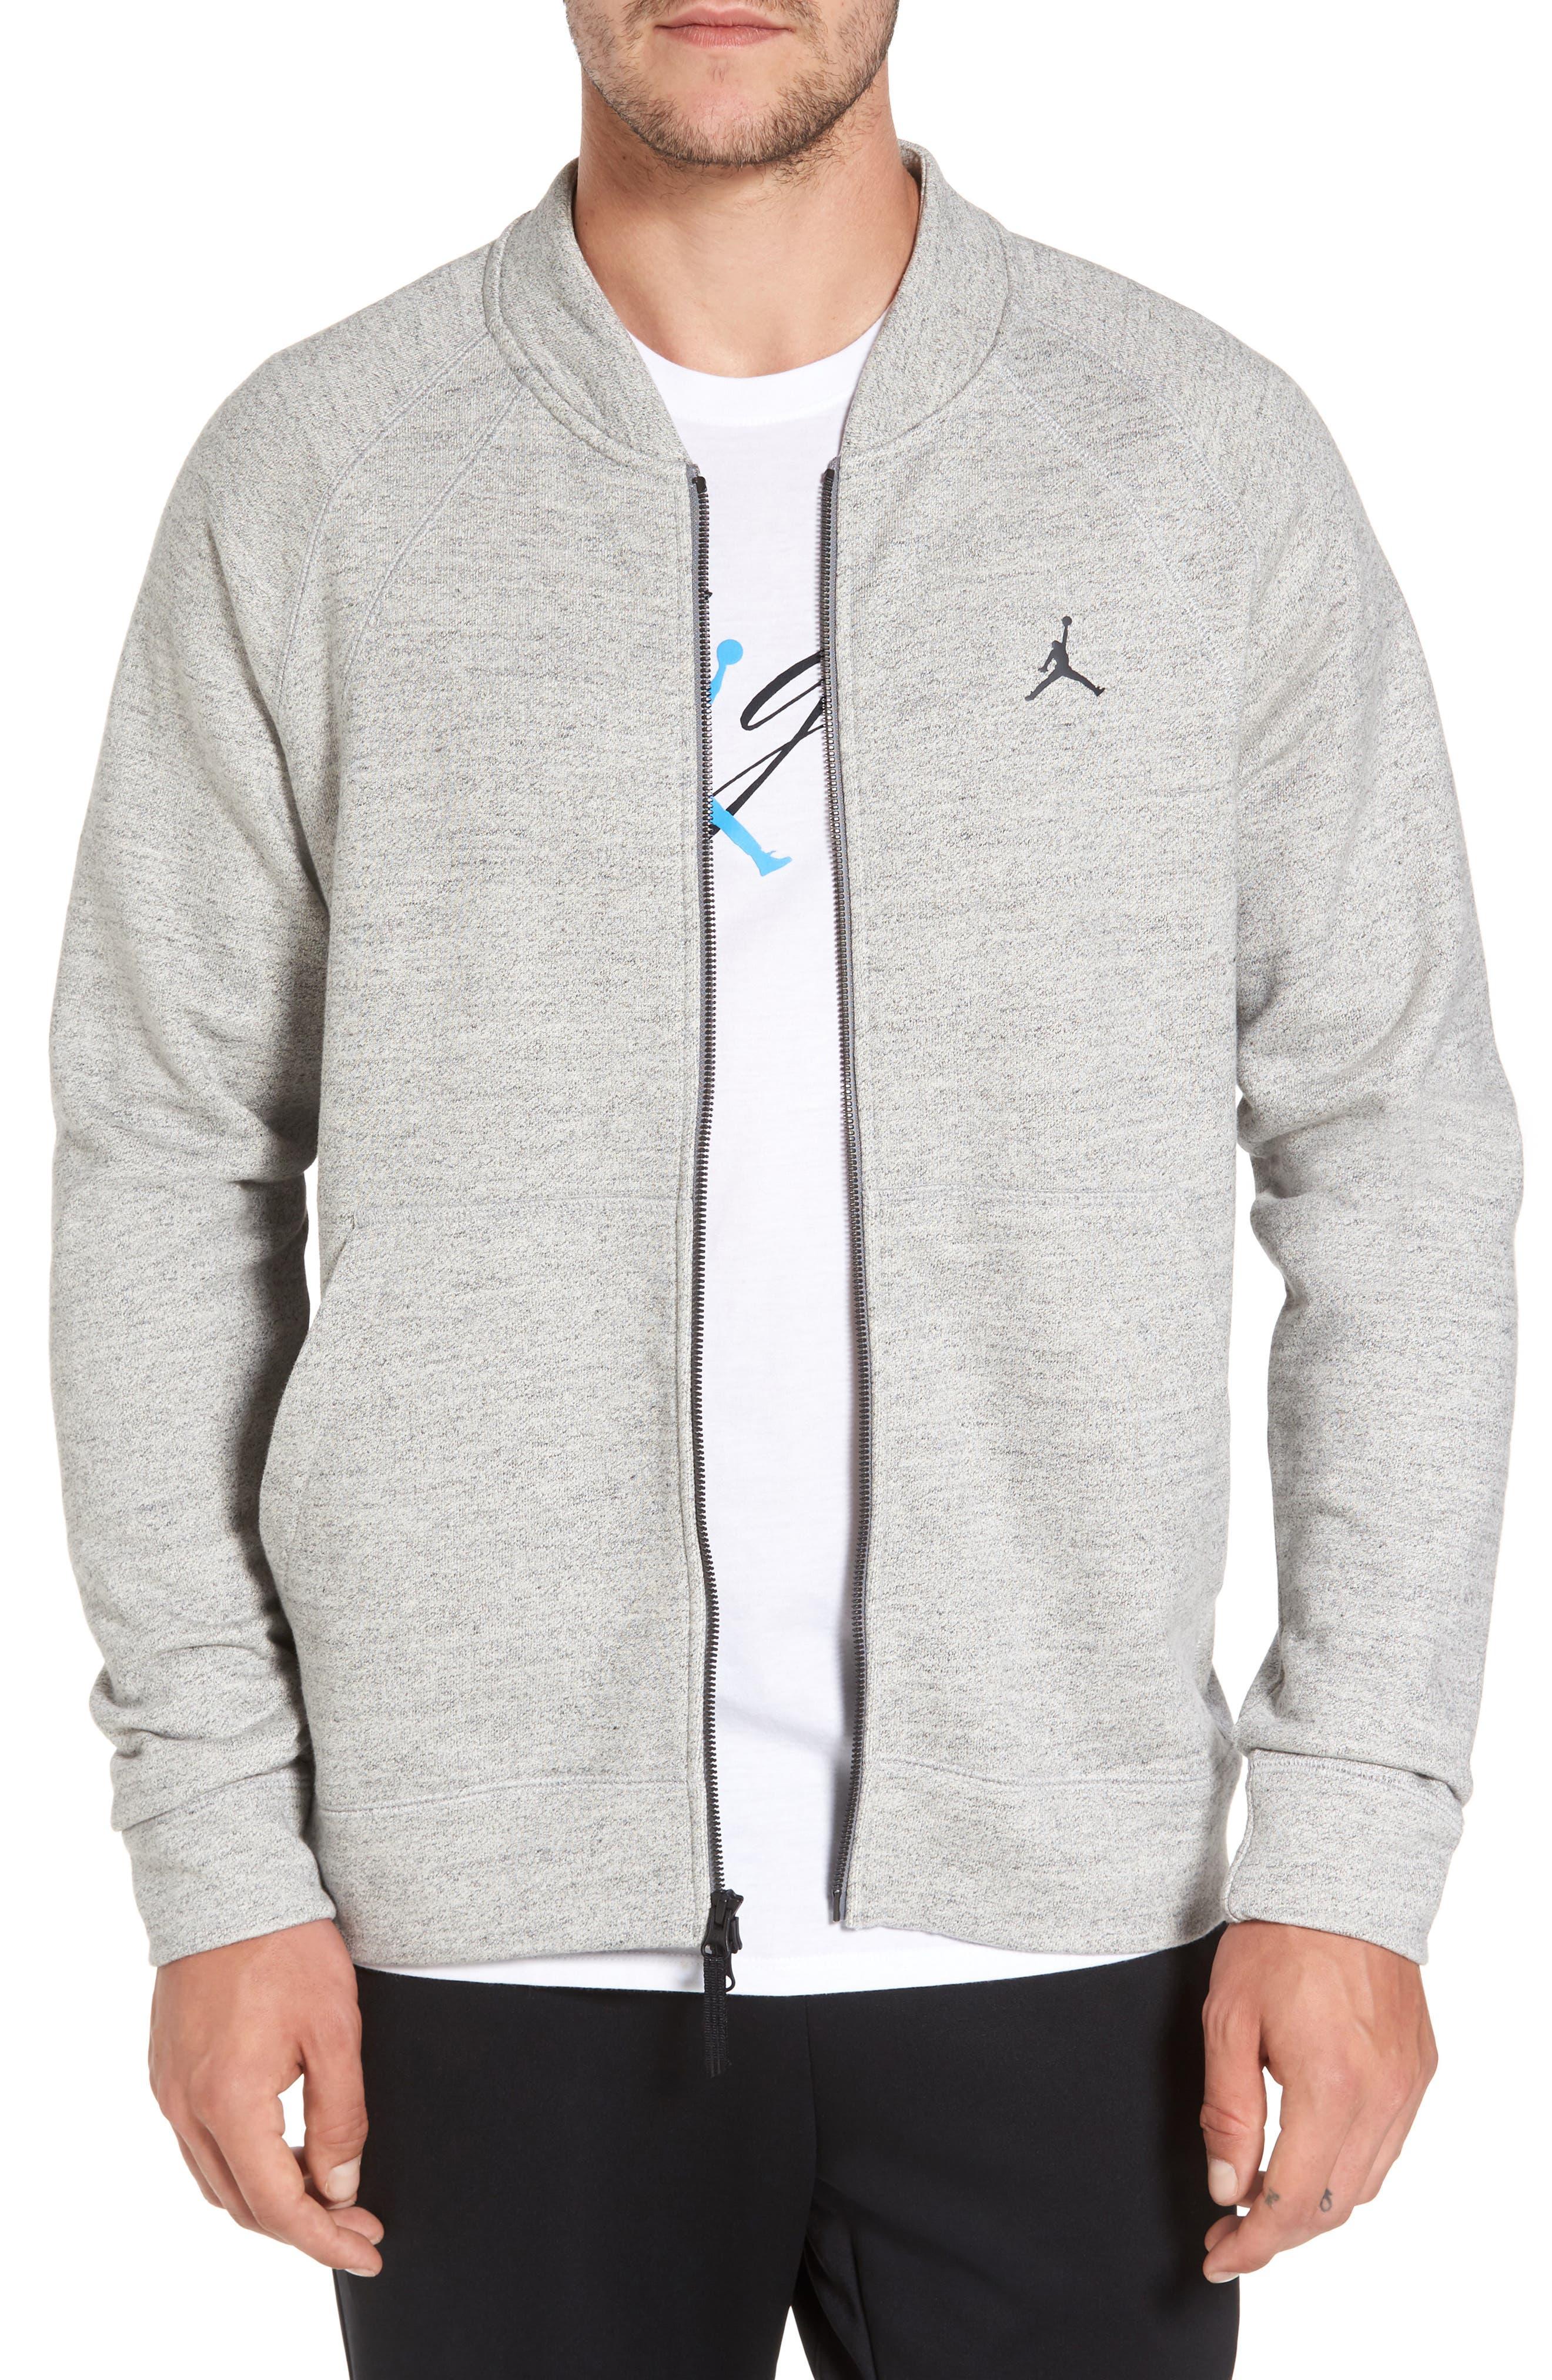 Sportswear Wings Fleece Bomber Jacket,                         Main,                         color, Dark Grey Heather/ Black